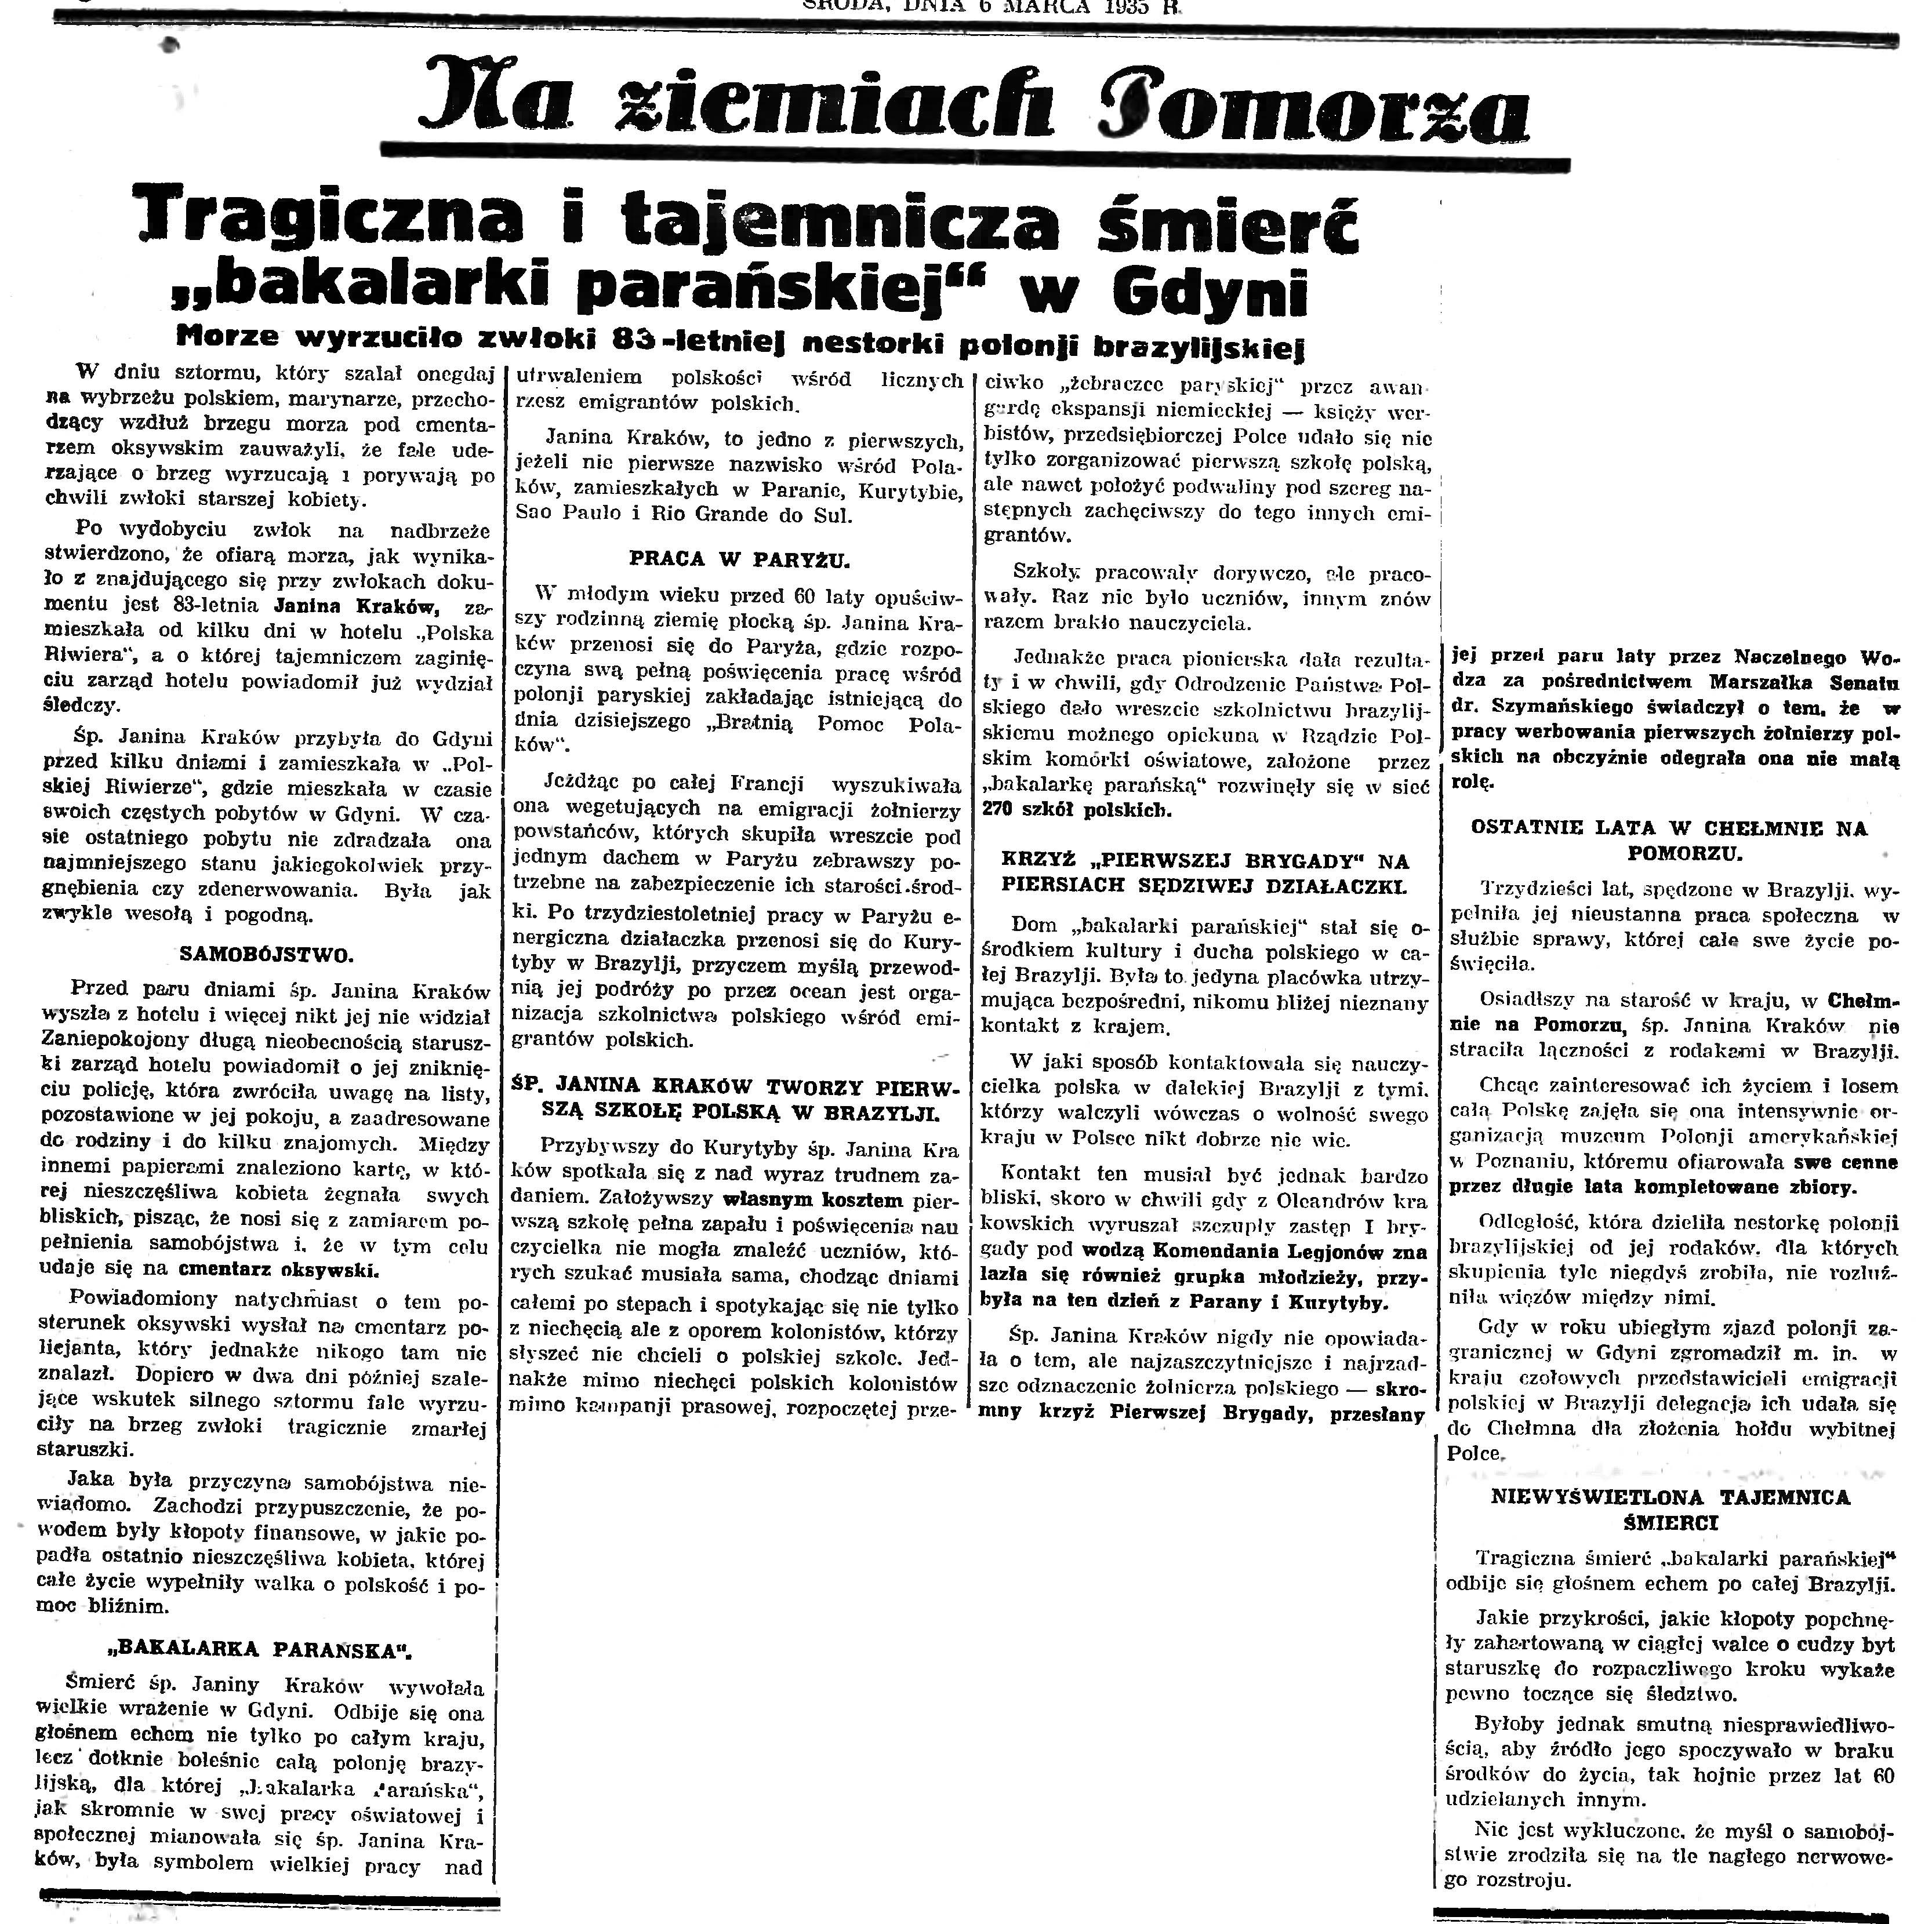 """Tragiczna i tajemnicza śmierć """"bakalarki parańskiej"""" w Gdyni. Morze wyrzuciło zwłoki 83-letniej nestorki polonji brazylijskiej"""